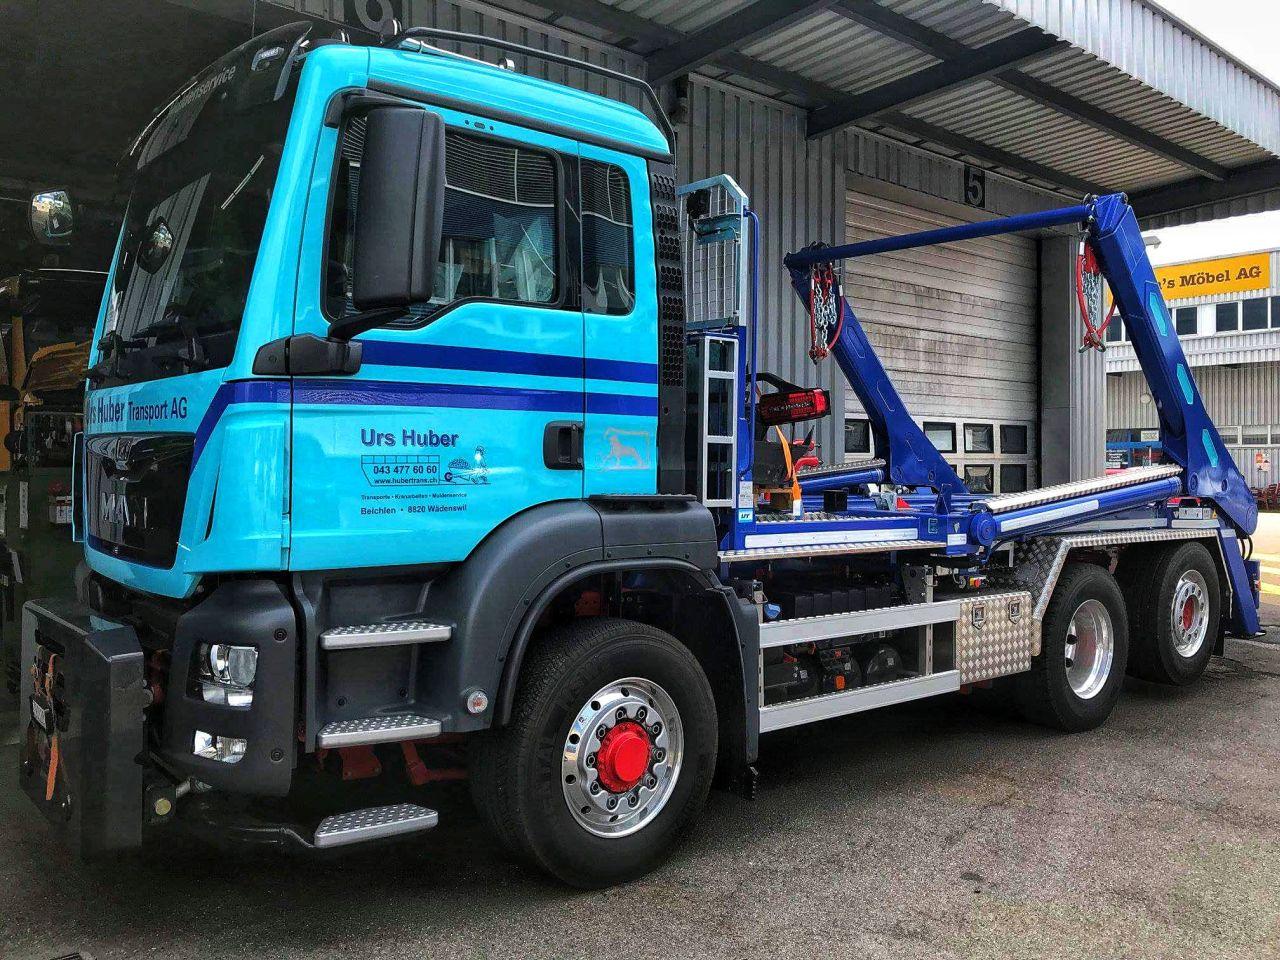 3-Achs-Muldenfahrzeug Urs Huber Transport AG